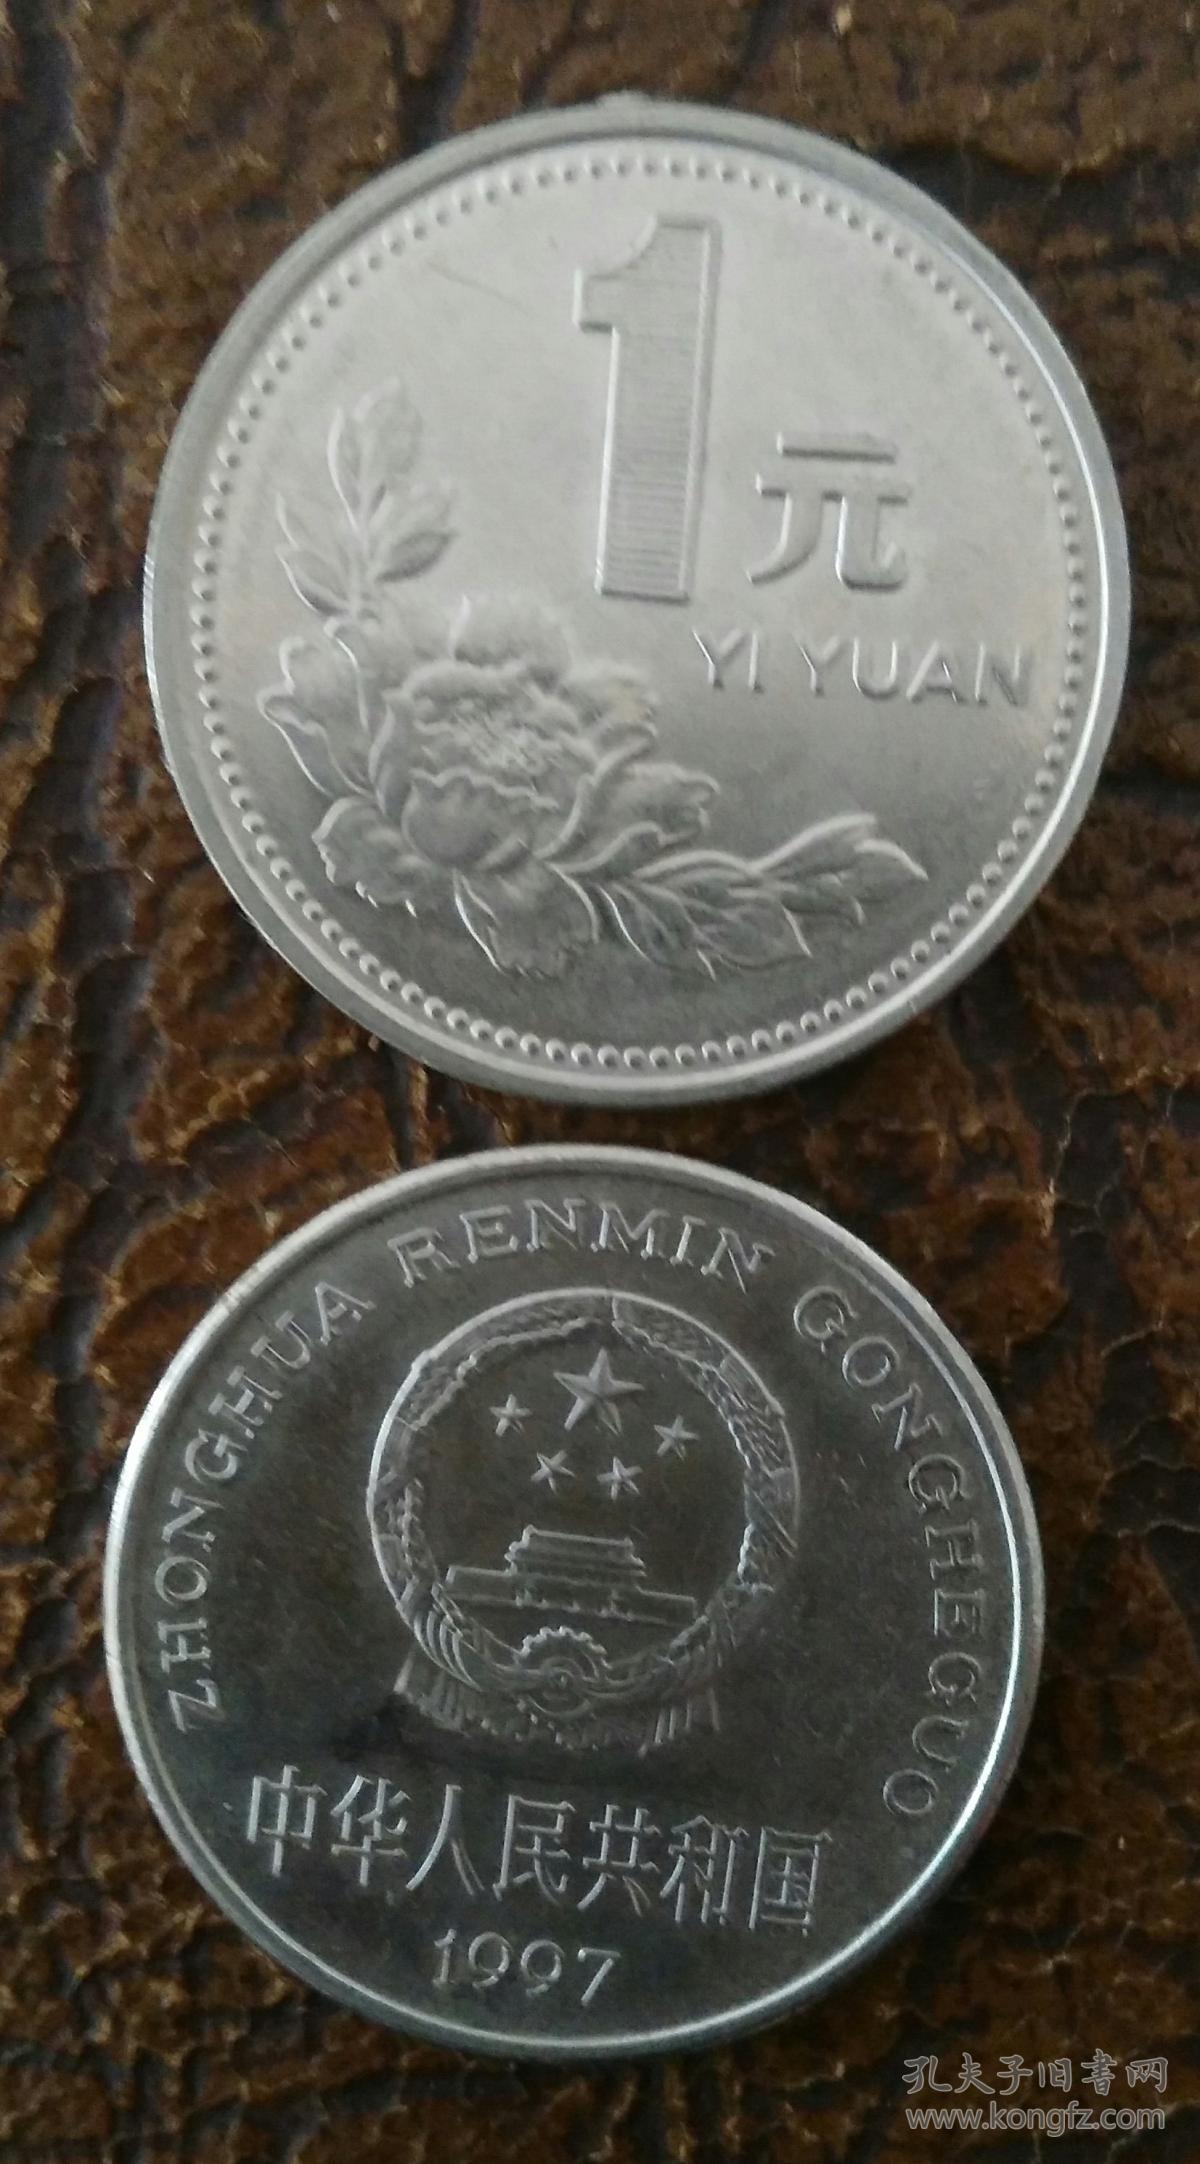 97年一元硬币_1997年一元硬币